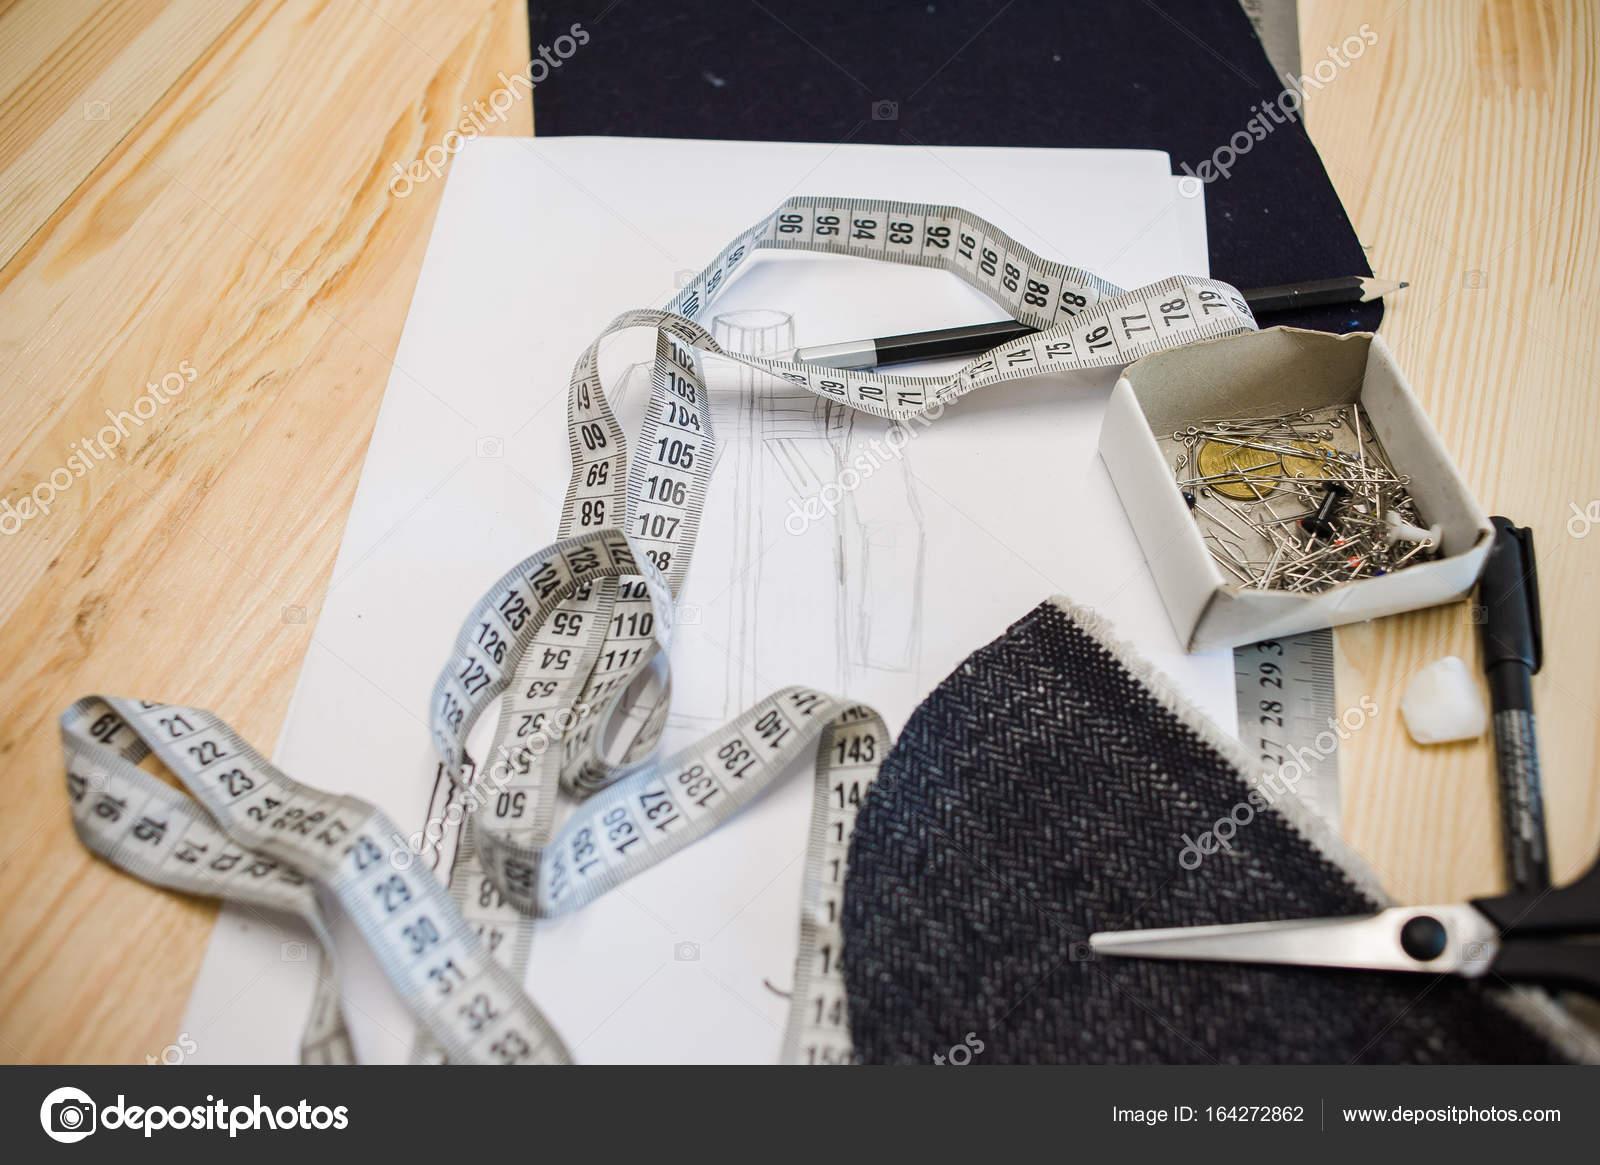 herramientas de taller de costura — Foto de stock © alipko #164272862